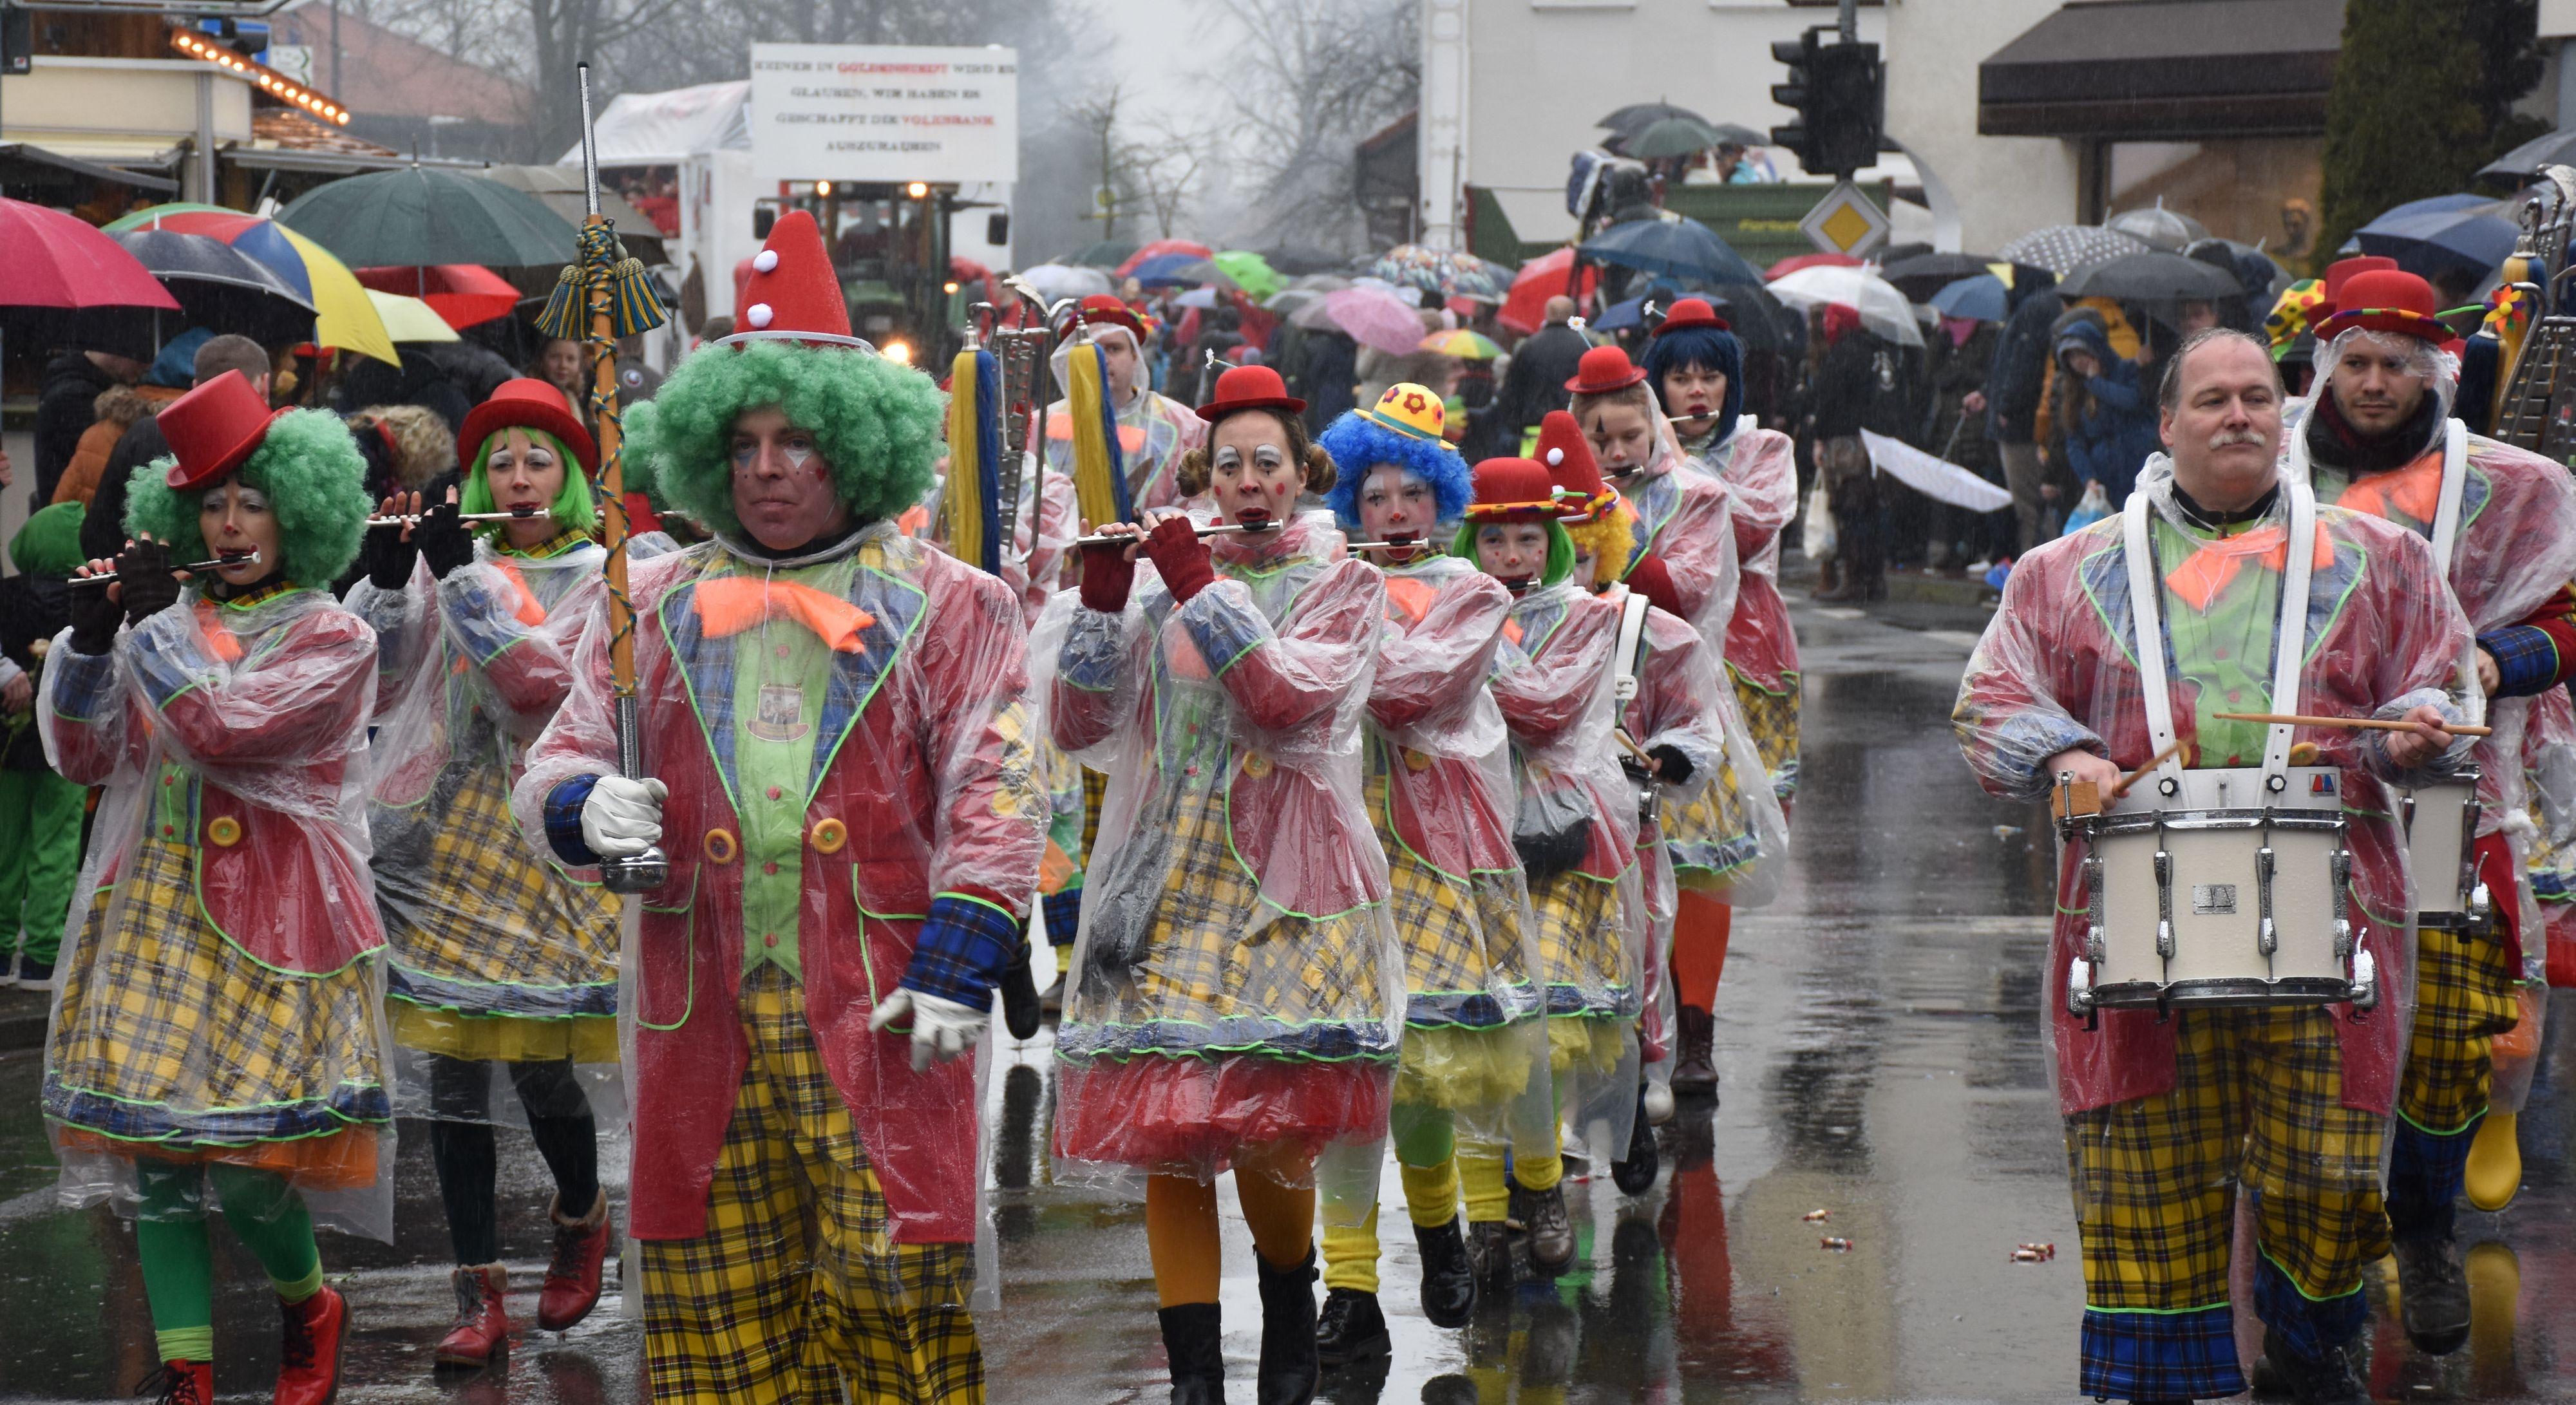 Tapfere Musikanten: Beim Goldenstedter Umzug im vergangenen Februar war neben guter Laune vor allem regenfeste Schminke wichtig. Foto: Archiv/Ferber